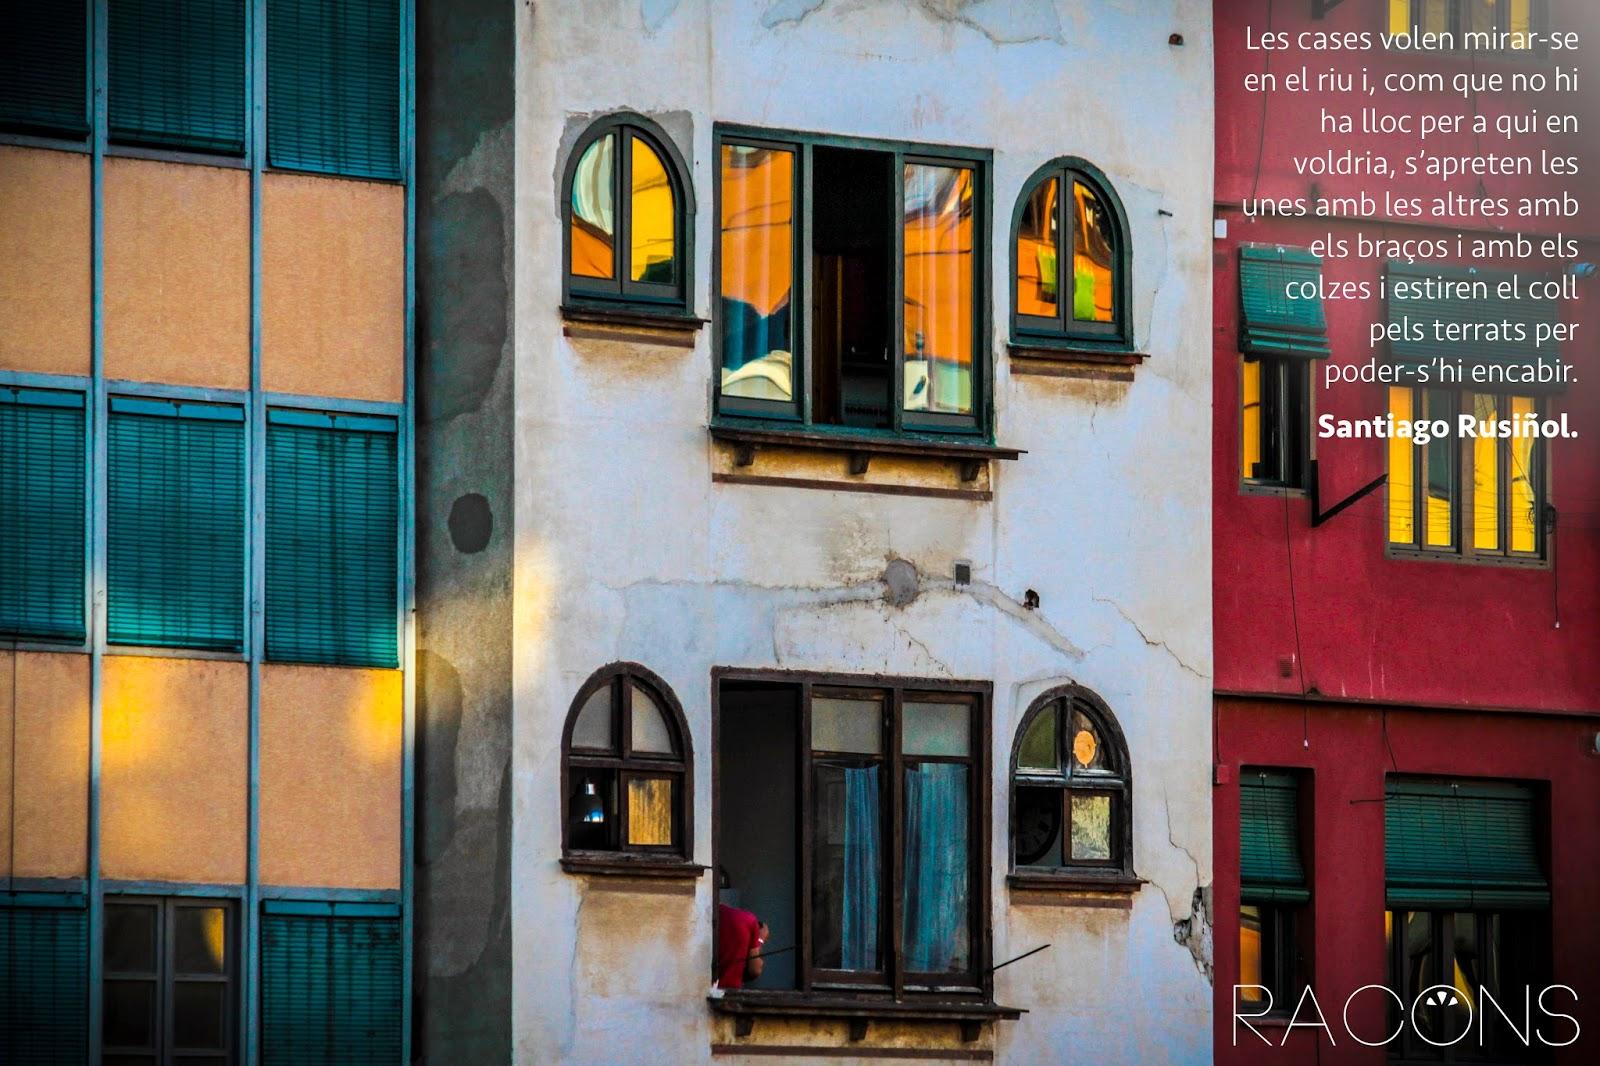 detall de les cases de l'onyar Girona amb cita de Santiago Rusiñol